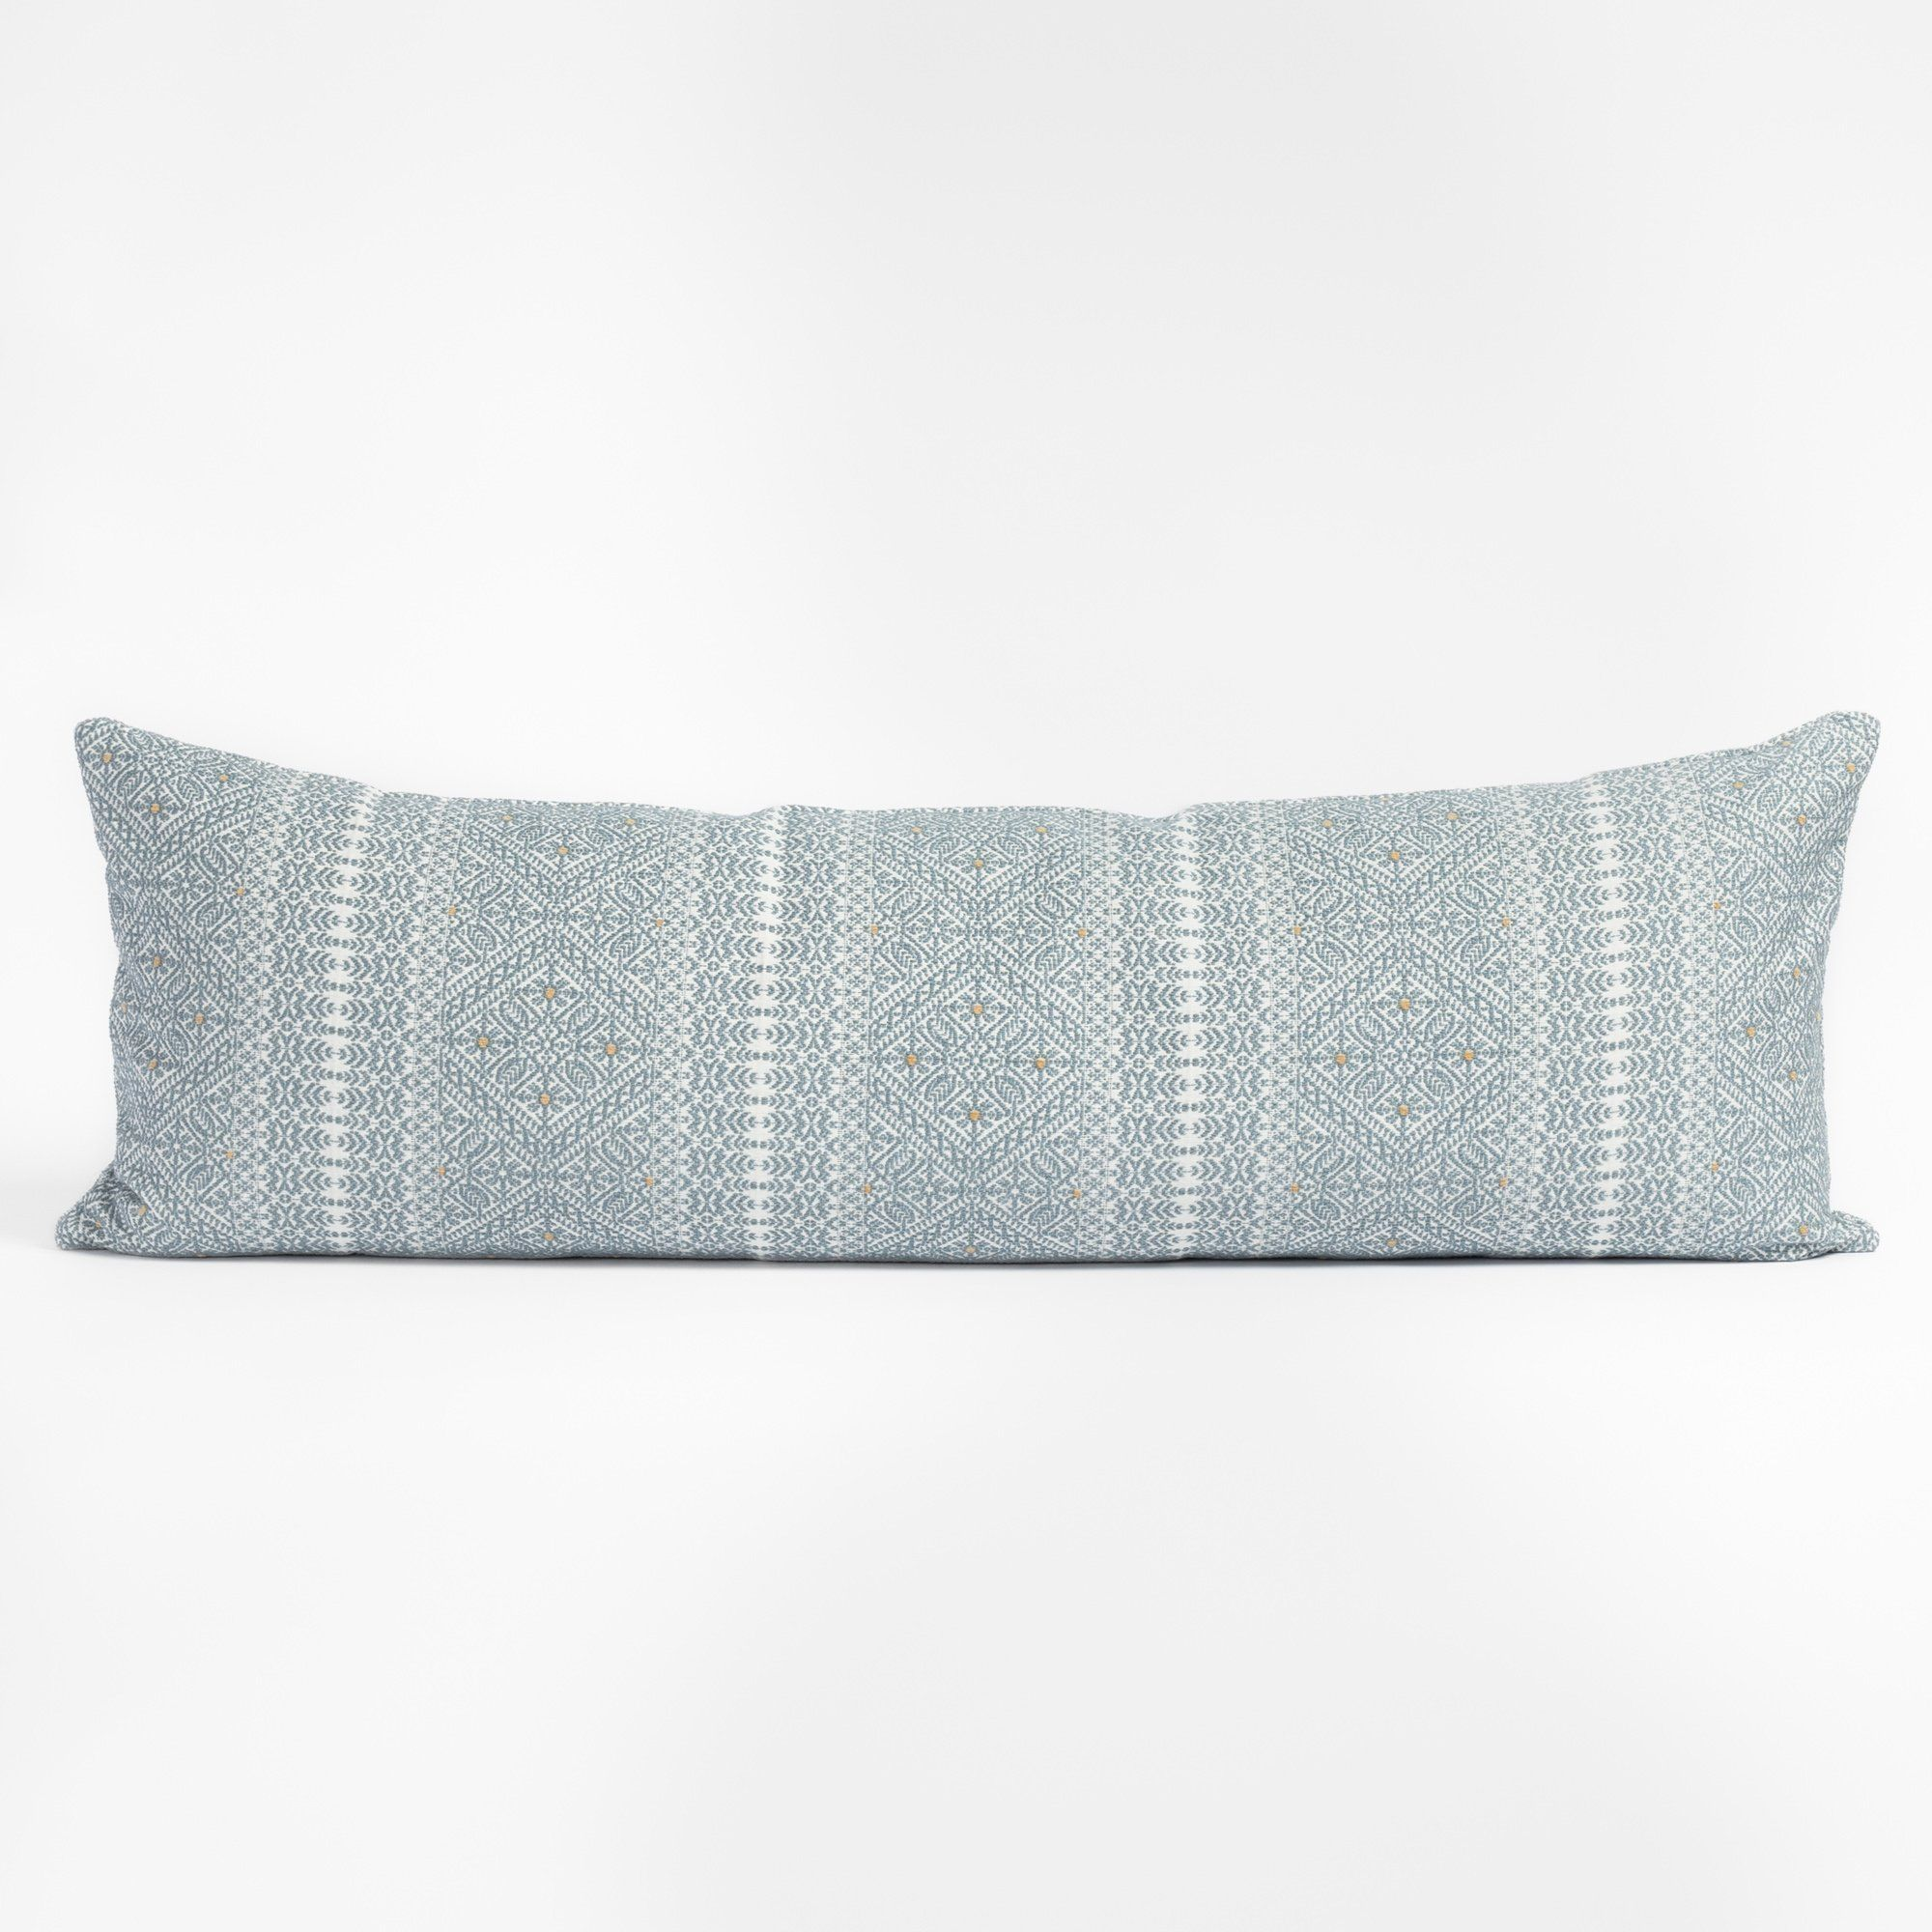 240 Color Palette Blue White Ideas In 2021 Pillows Pillow Shop Color Palette